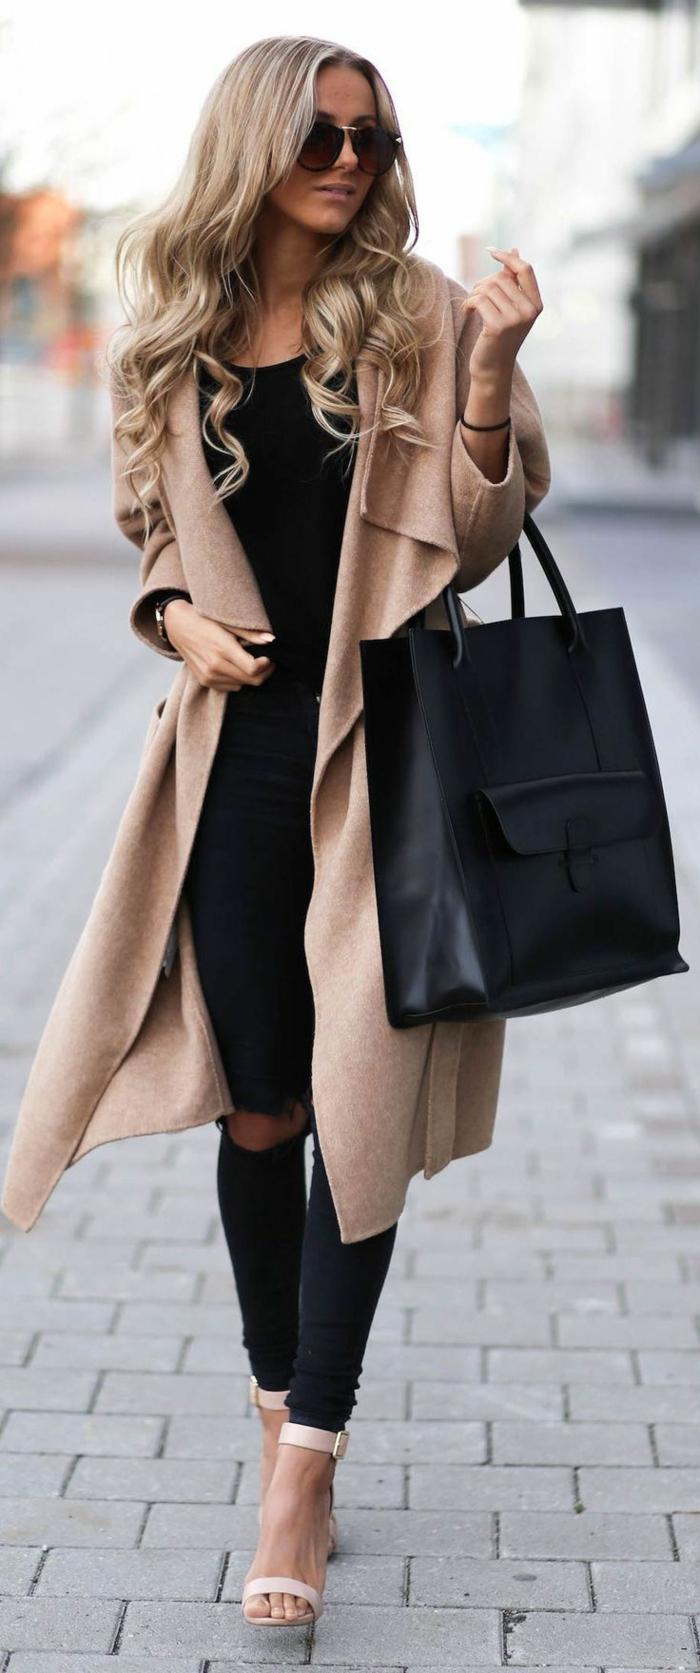 Choisir le plus l gant manteau long femme parmi les photos - Veste printemps quelles sont les tendances pour cette saison ...